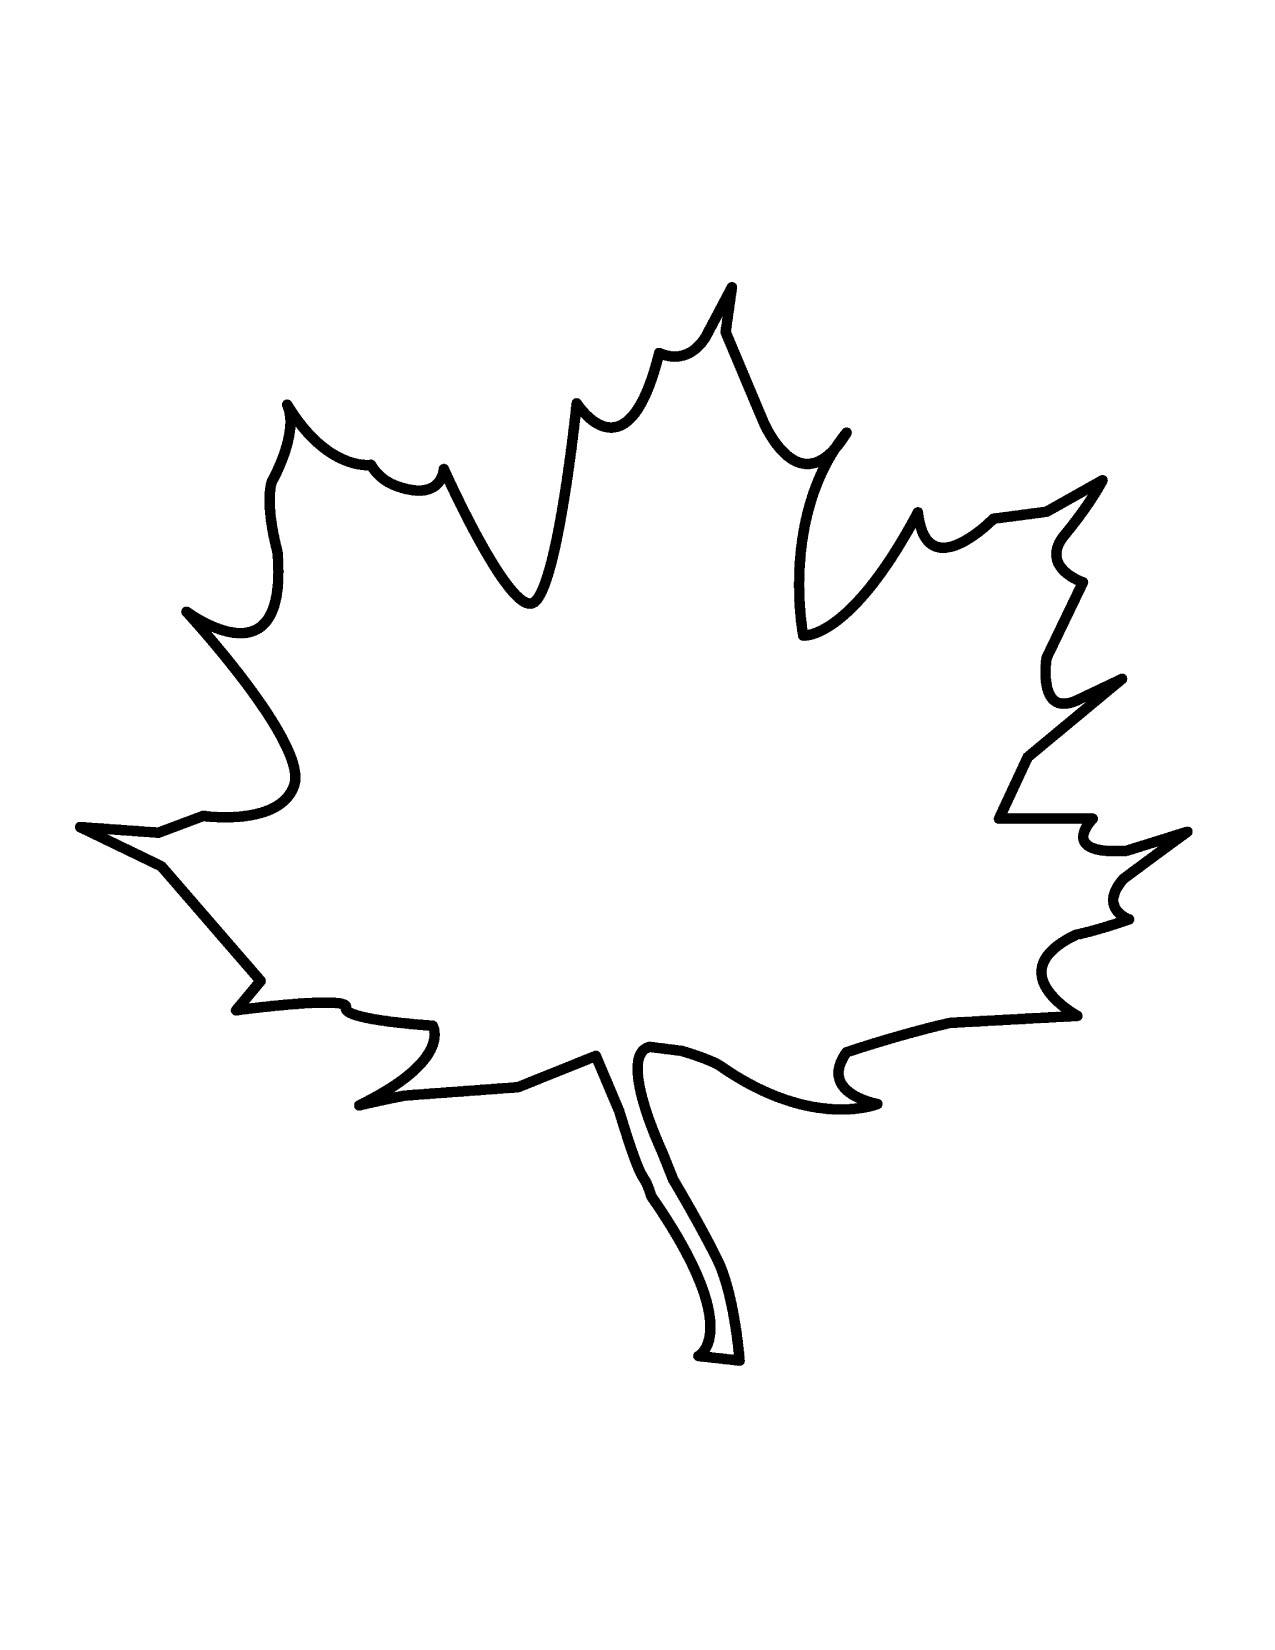 1275x1650 Leaves Black And White Free Oak Leaf Clipart